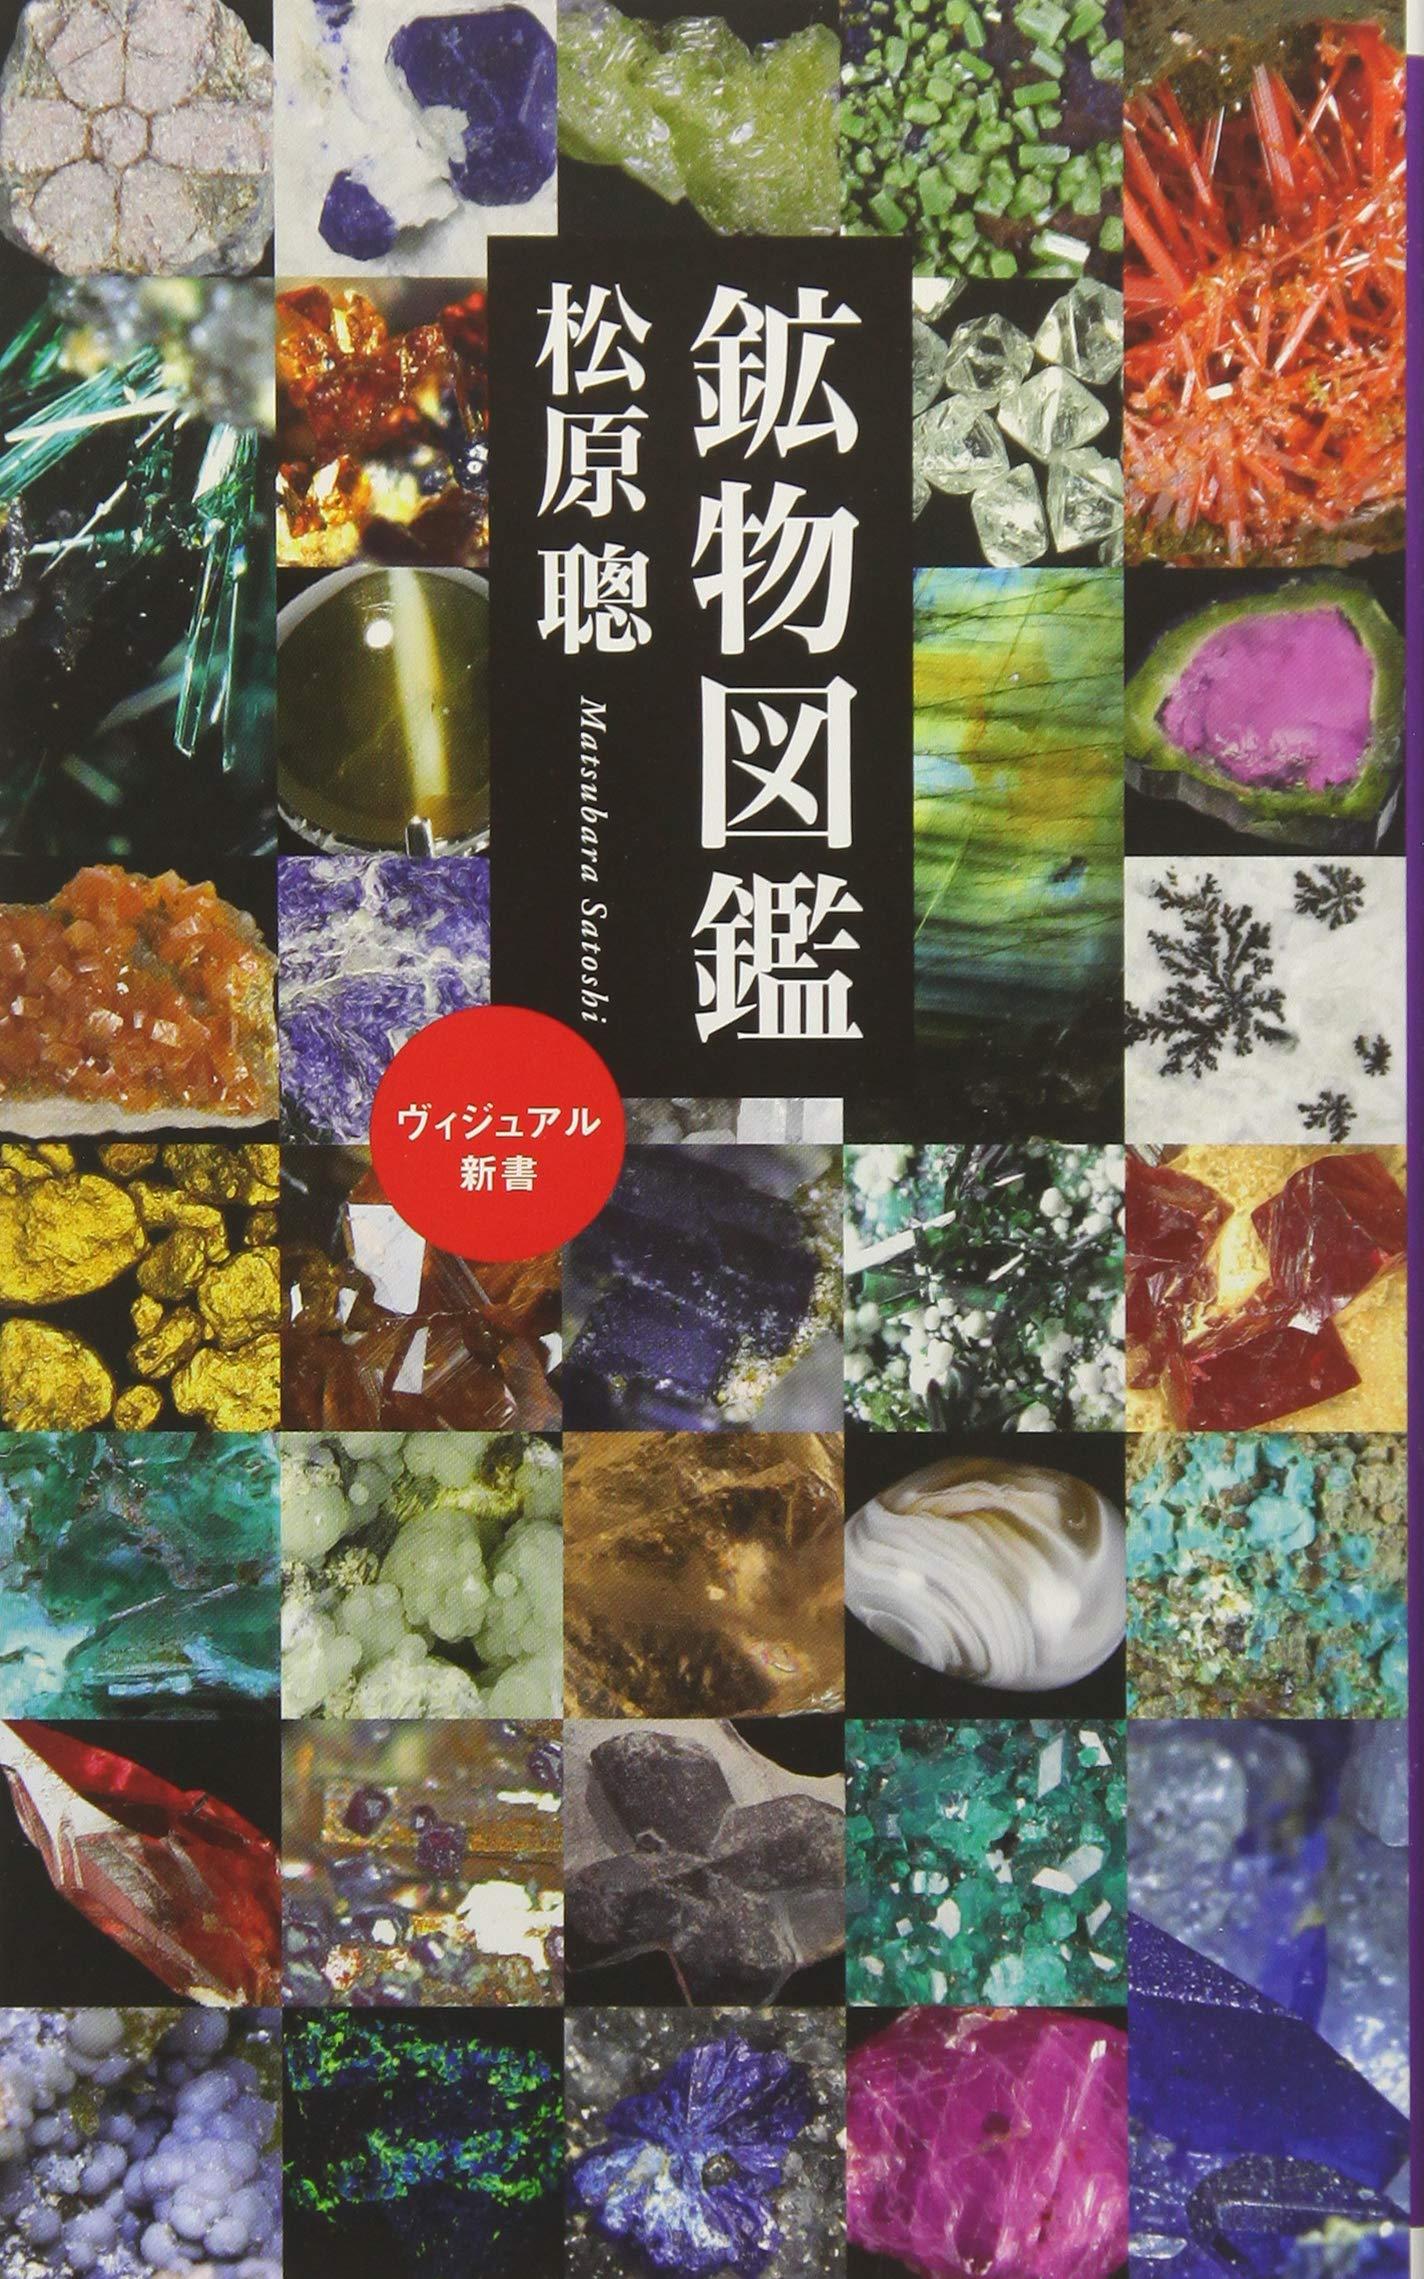 鉱物図鑑 (ベスト新書) | 松原 聰 |本 | 通販 | Amazon